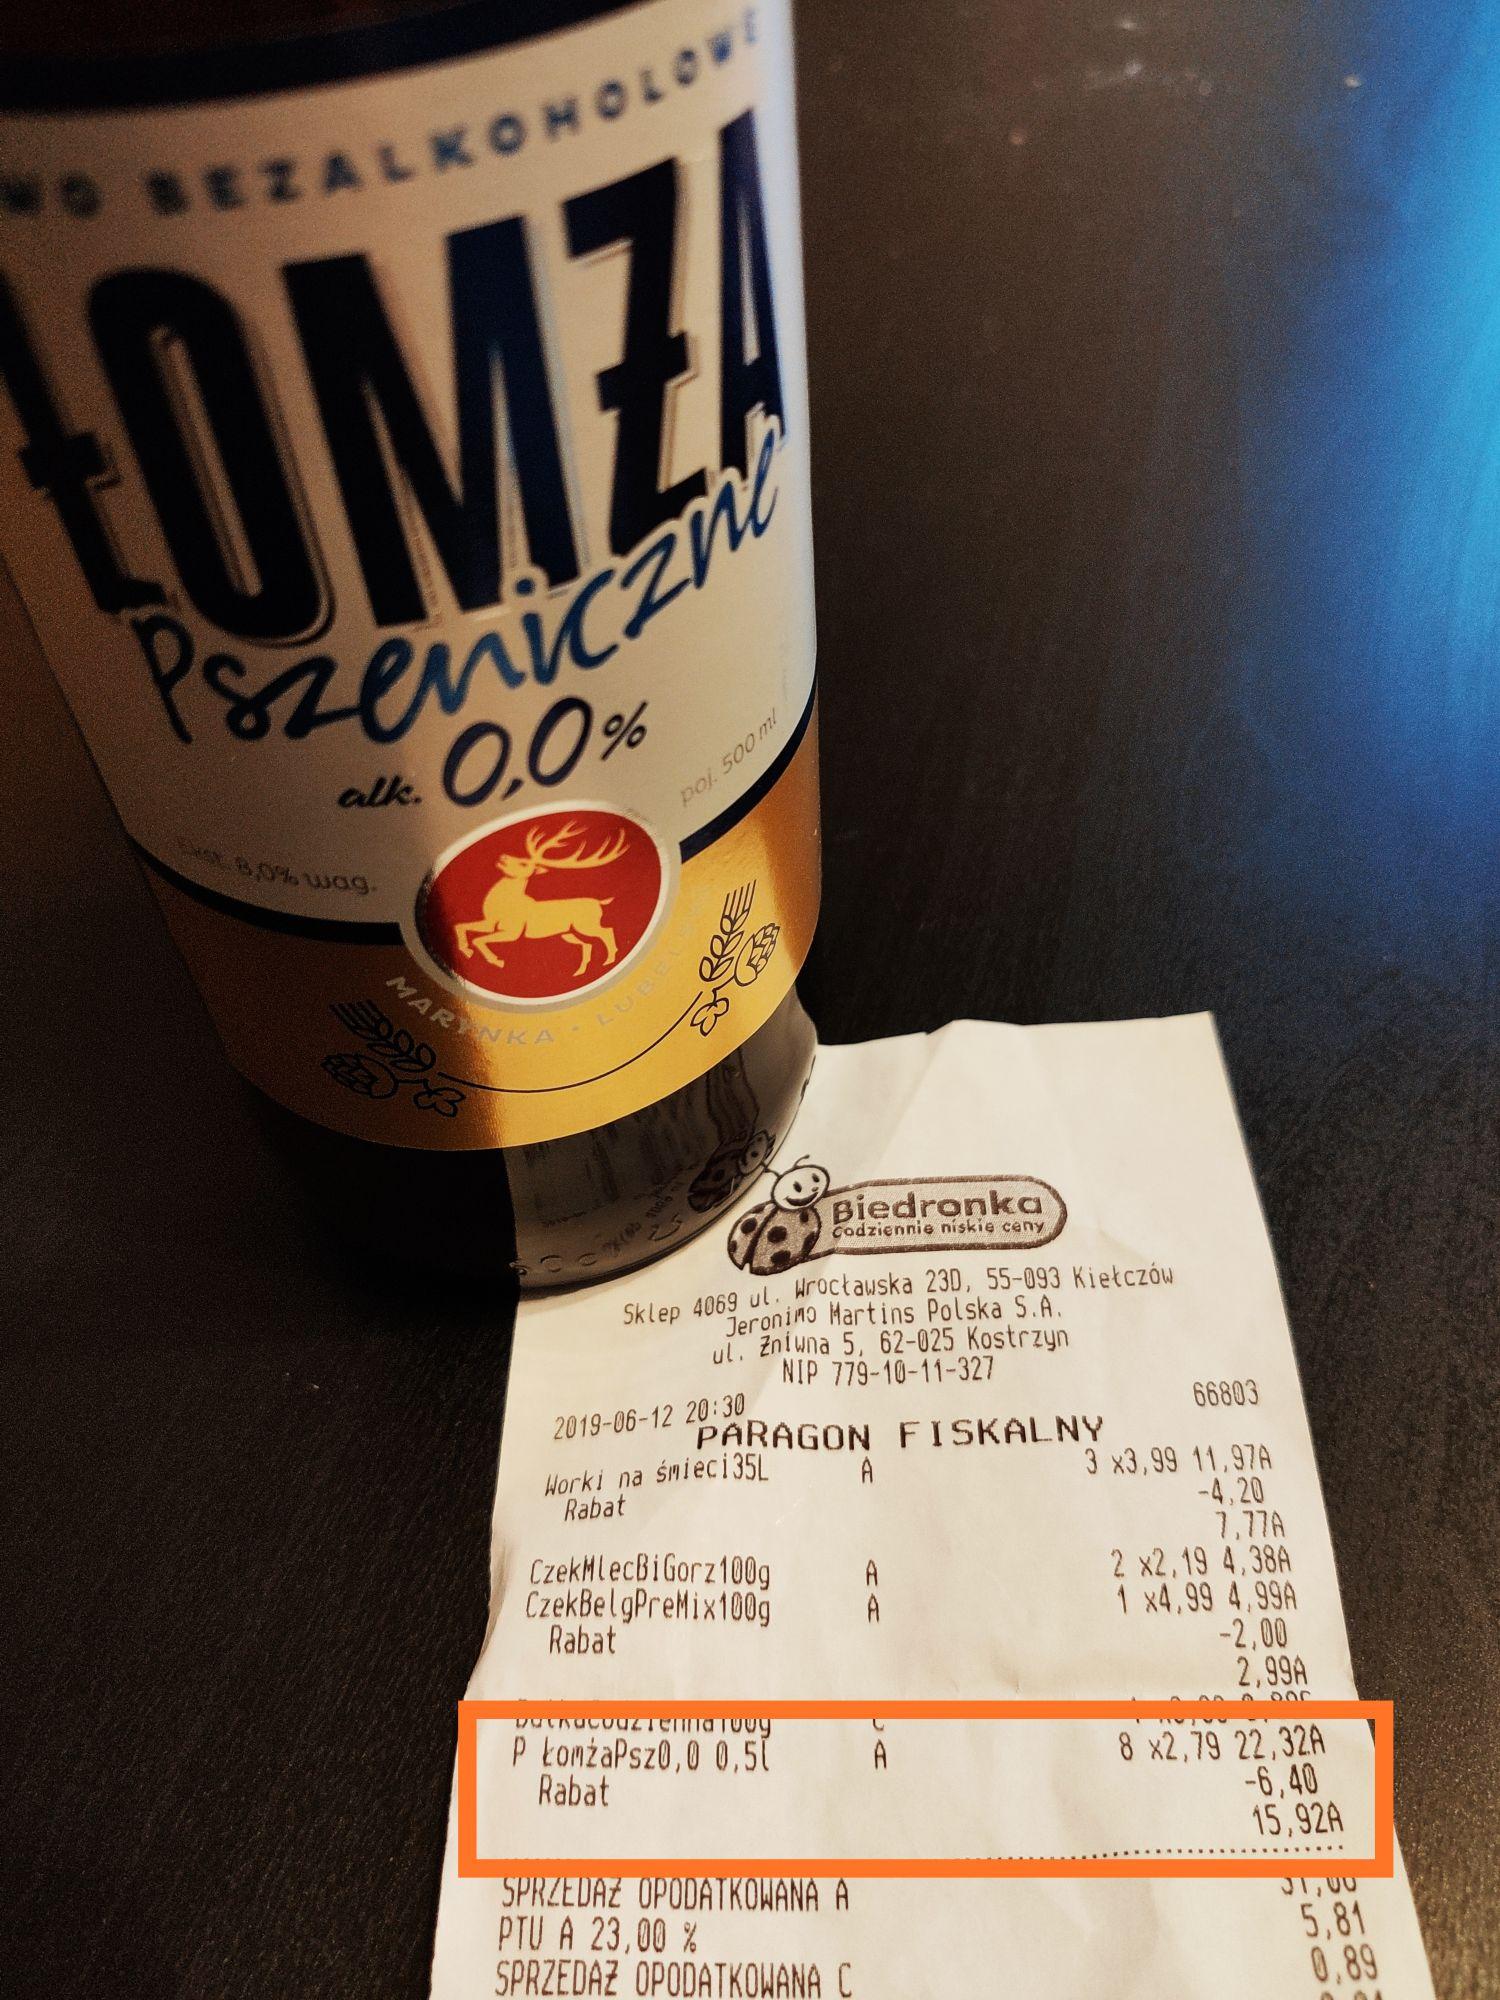 Piwo Łomża Pszeniczne 0.0% Biedronka Kiełczów